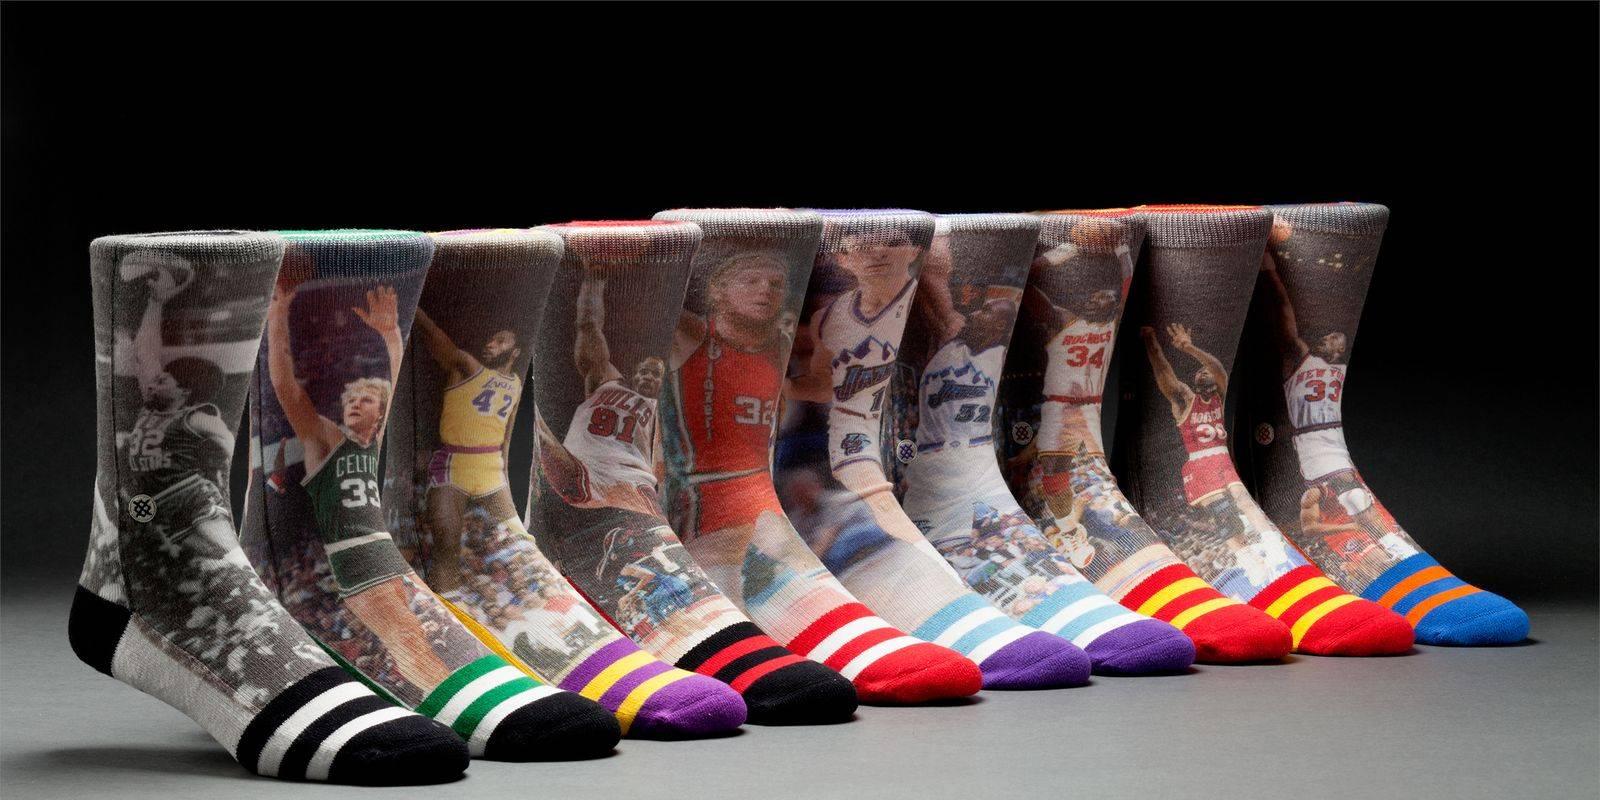 calcetines de baloncesto stance nba jugadores clásicos